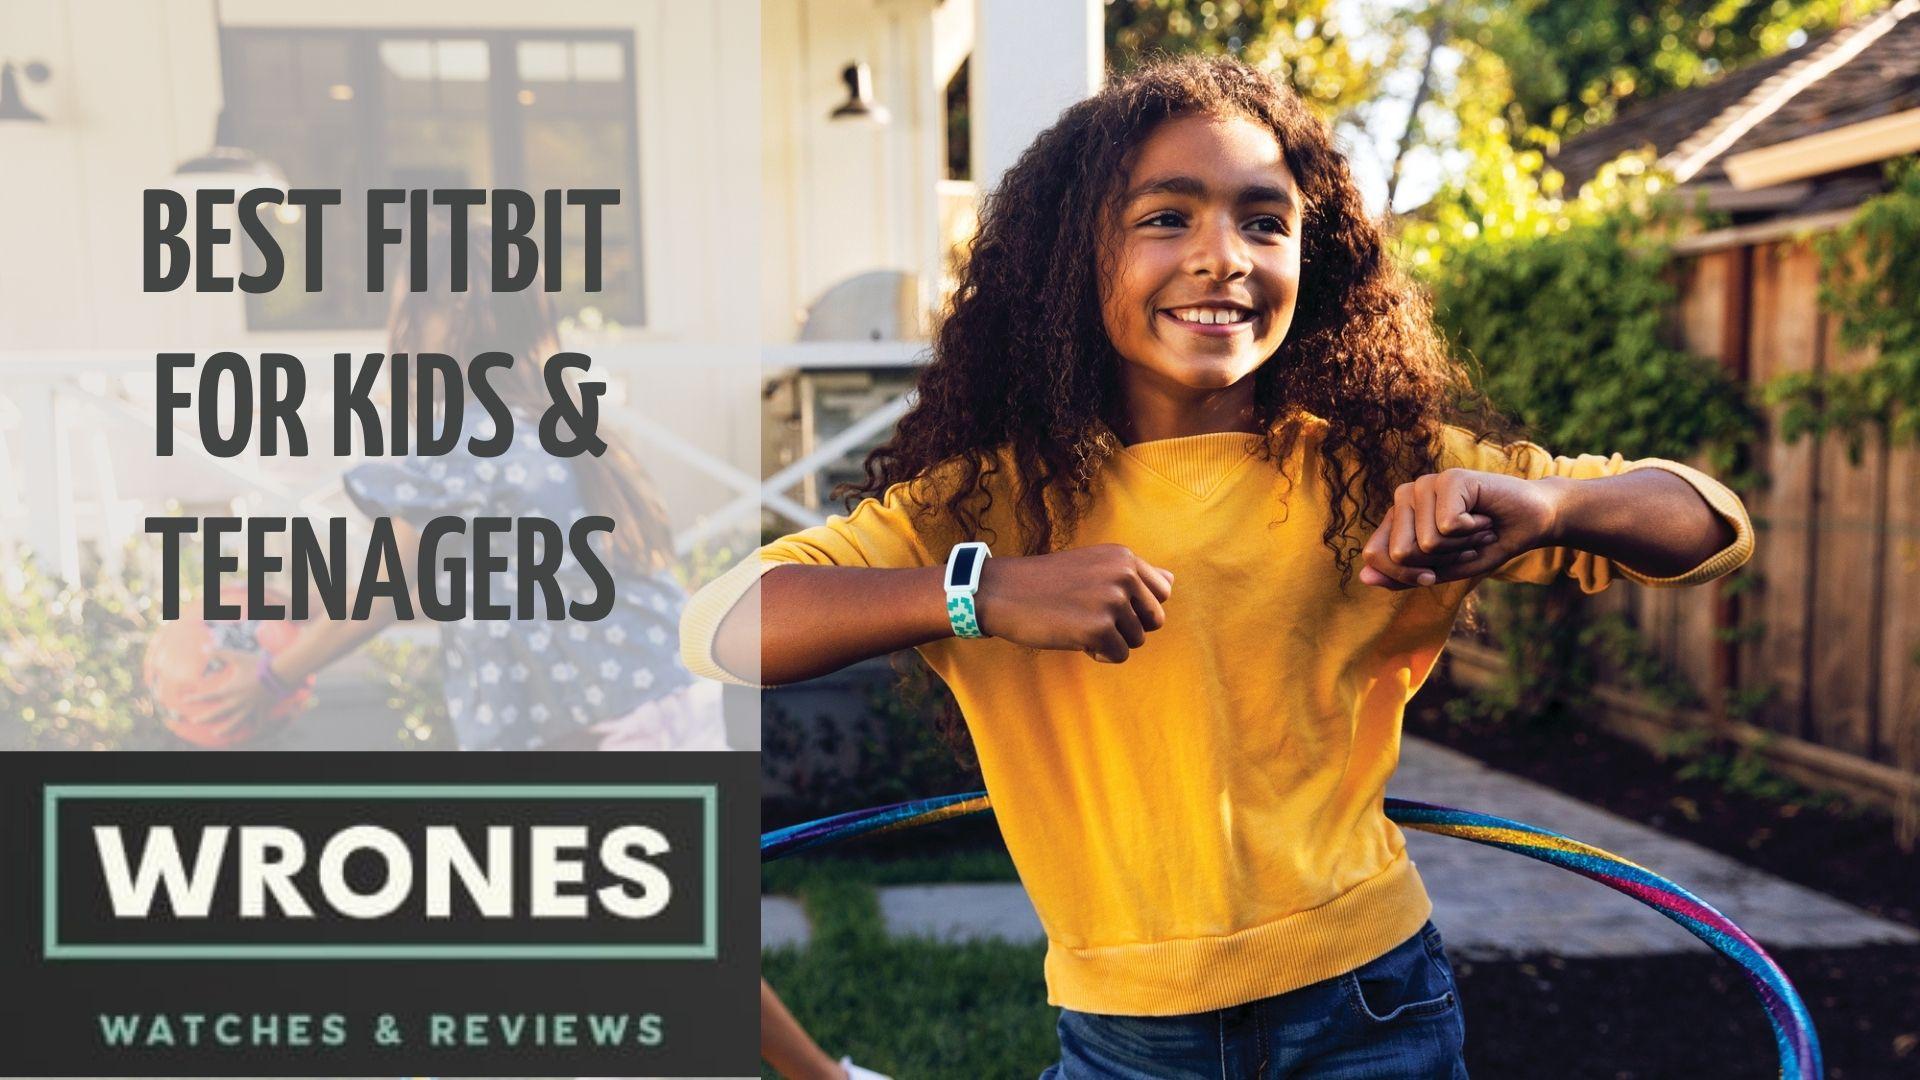 Best Fitbit For Kids Teenagers wrones